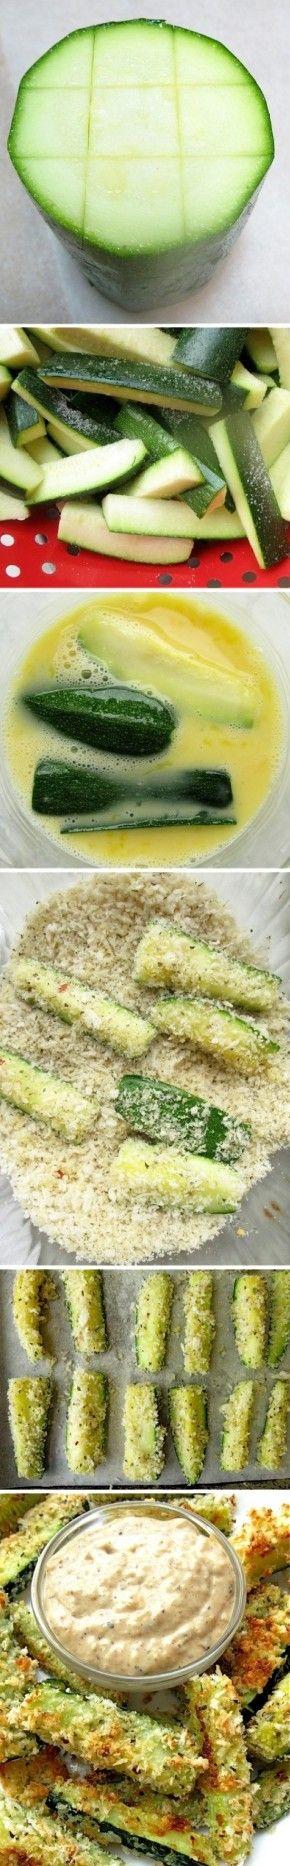 courgette sticks (gebakken in de oven) met een dipsausje